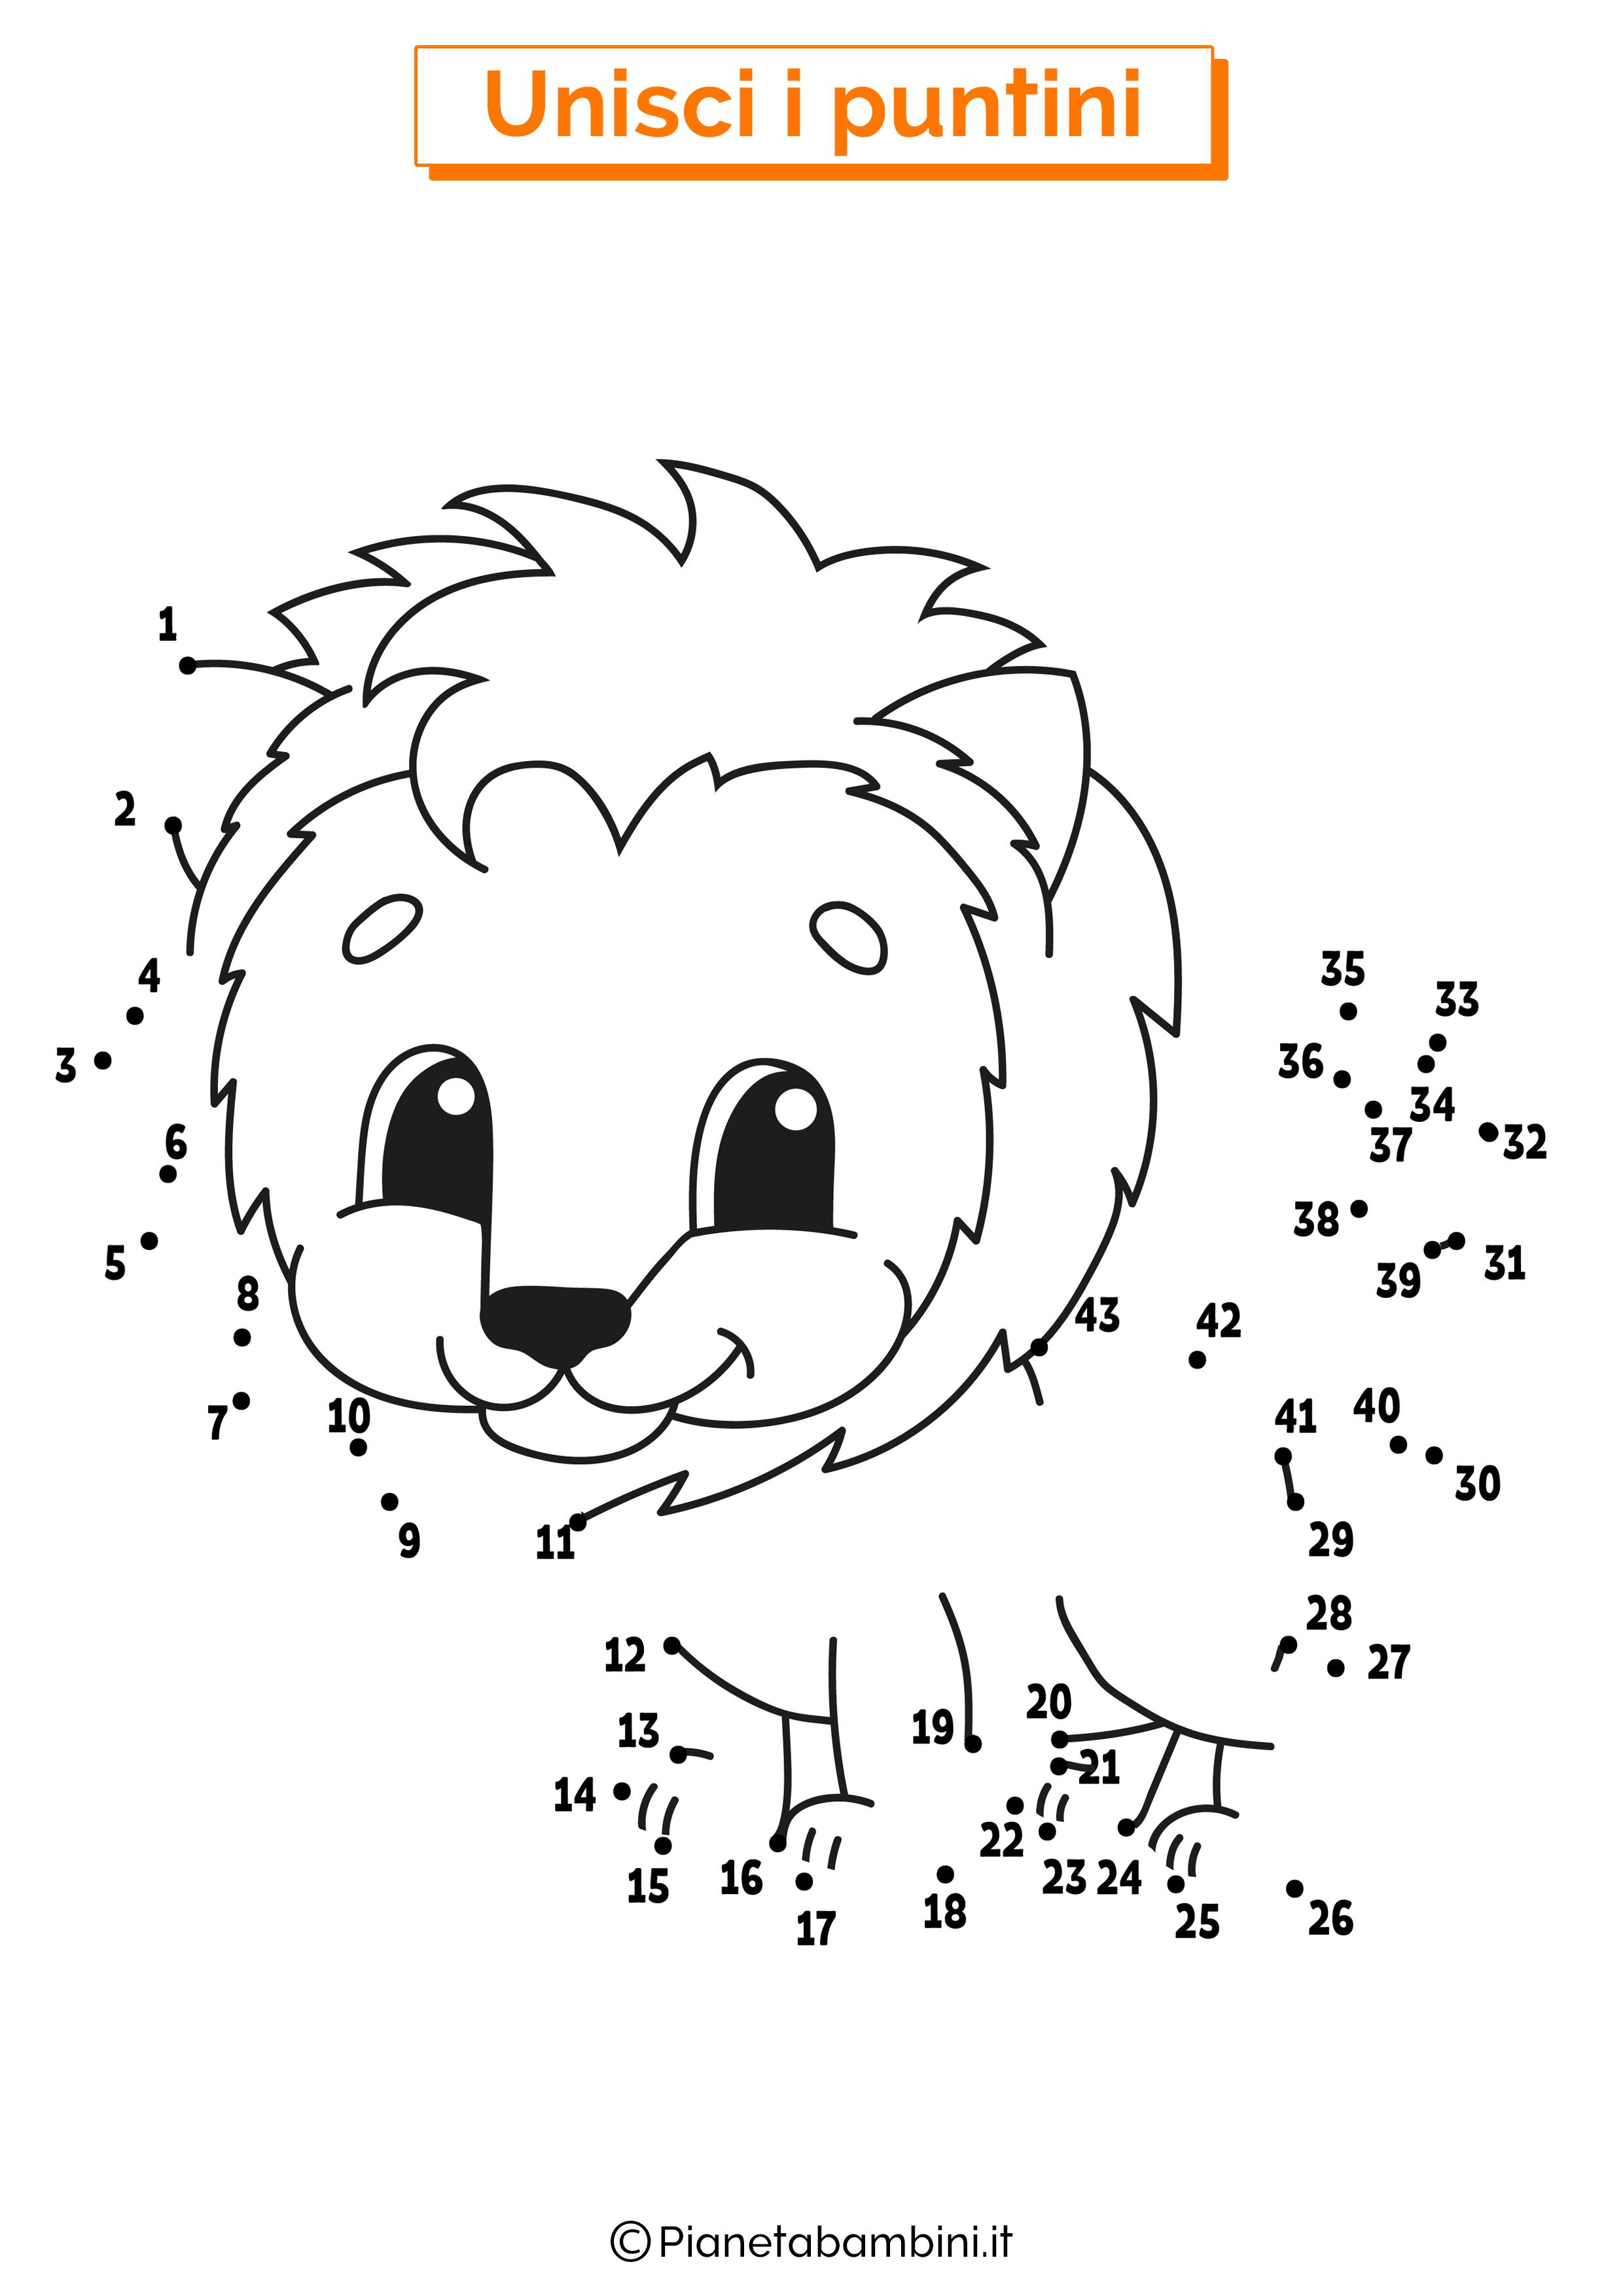 Disegno unisci i puntini 1-40 leone piccolo